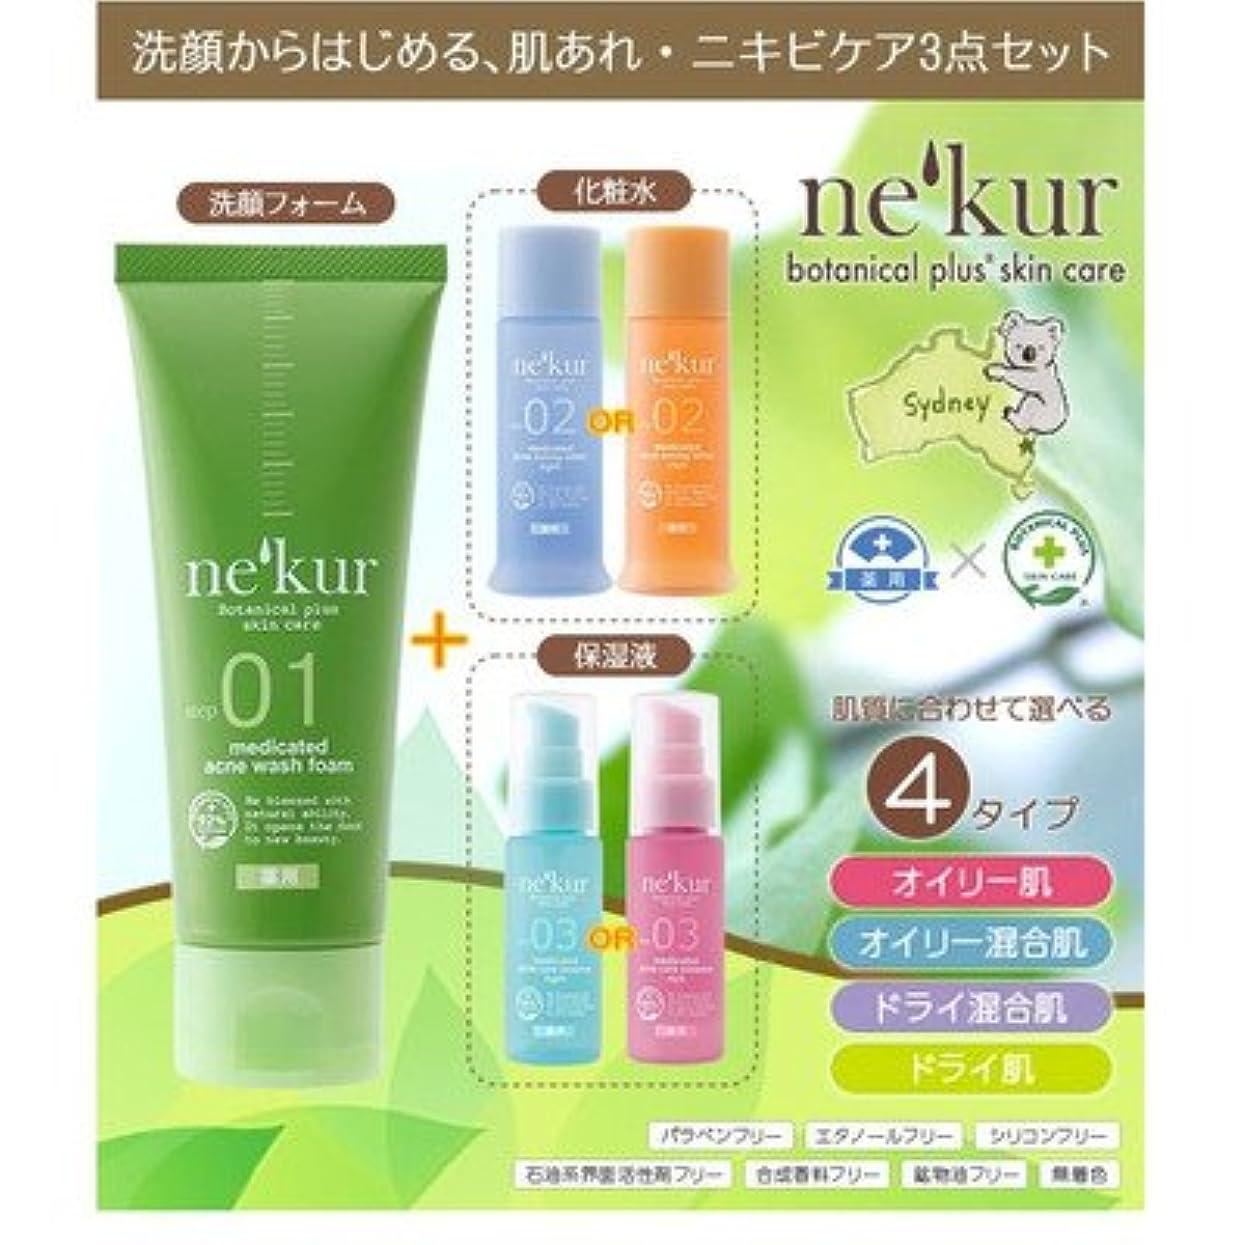 全部打たれたトラックアルコールネクア(nekur) ボタニカルプラススキンケア 薬用アクネ洗顔3点セット ドライ肌セット( 画像はイメージ画像です お届けの商品はドライ肌セットのみとなります)